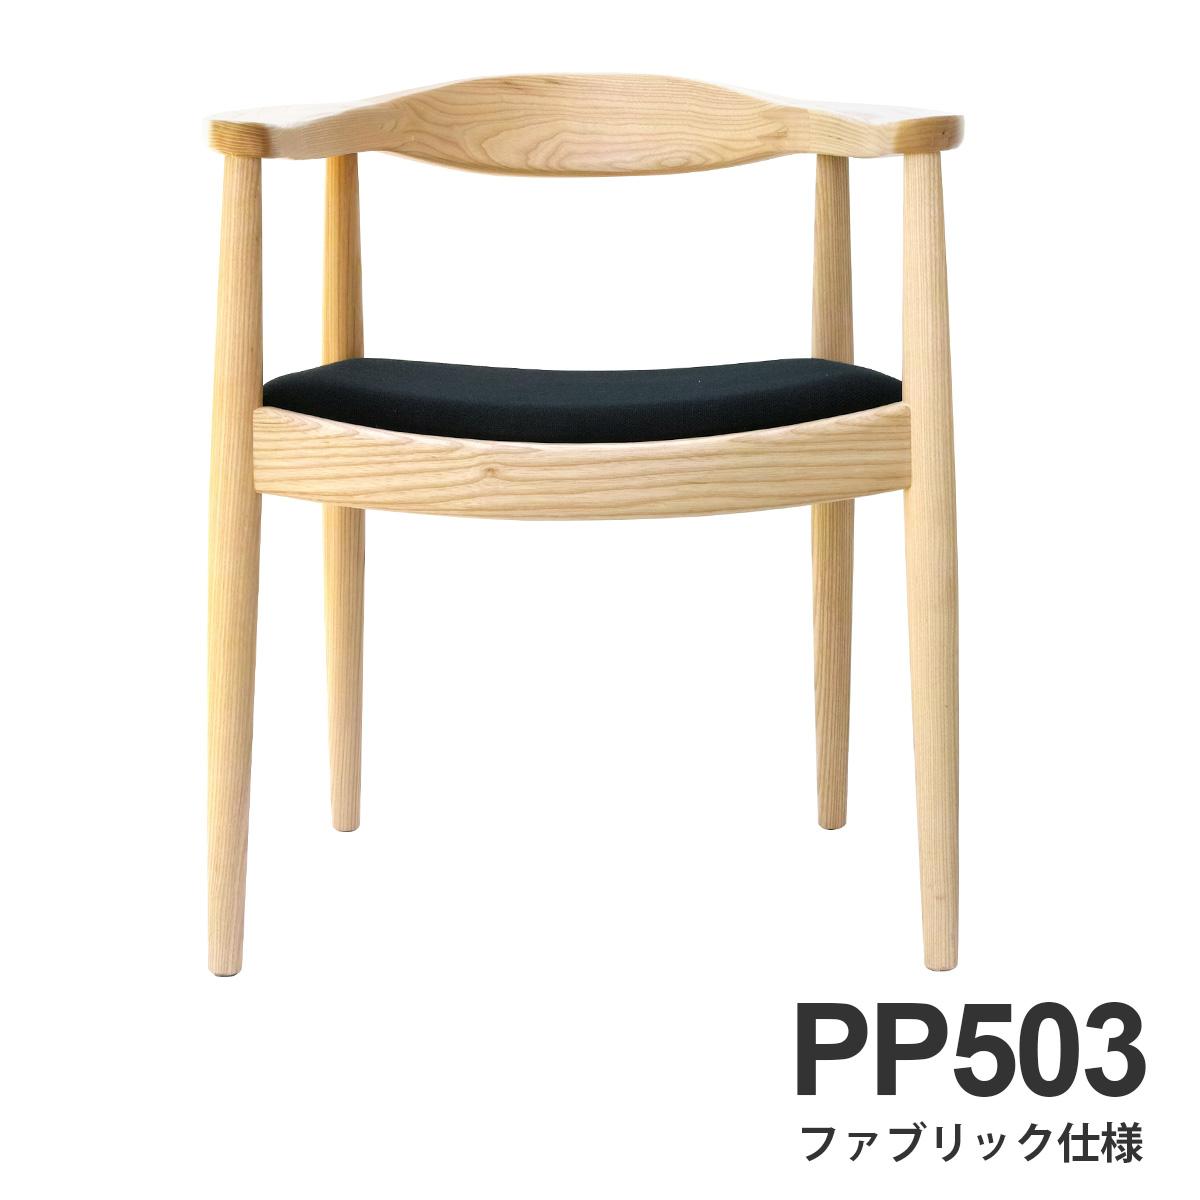 ウェグナー PP503 The Chair(ザ チェア) ファブリック仕様 北欧 木製 デザイナーズ リプロダクト ダイニングチェア 椅子 送料無料